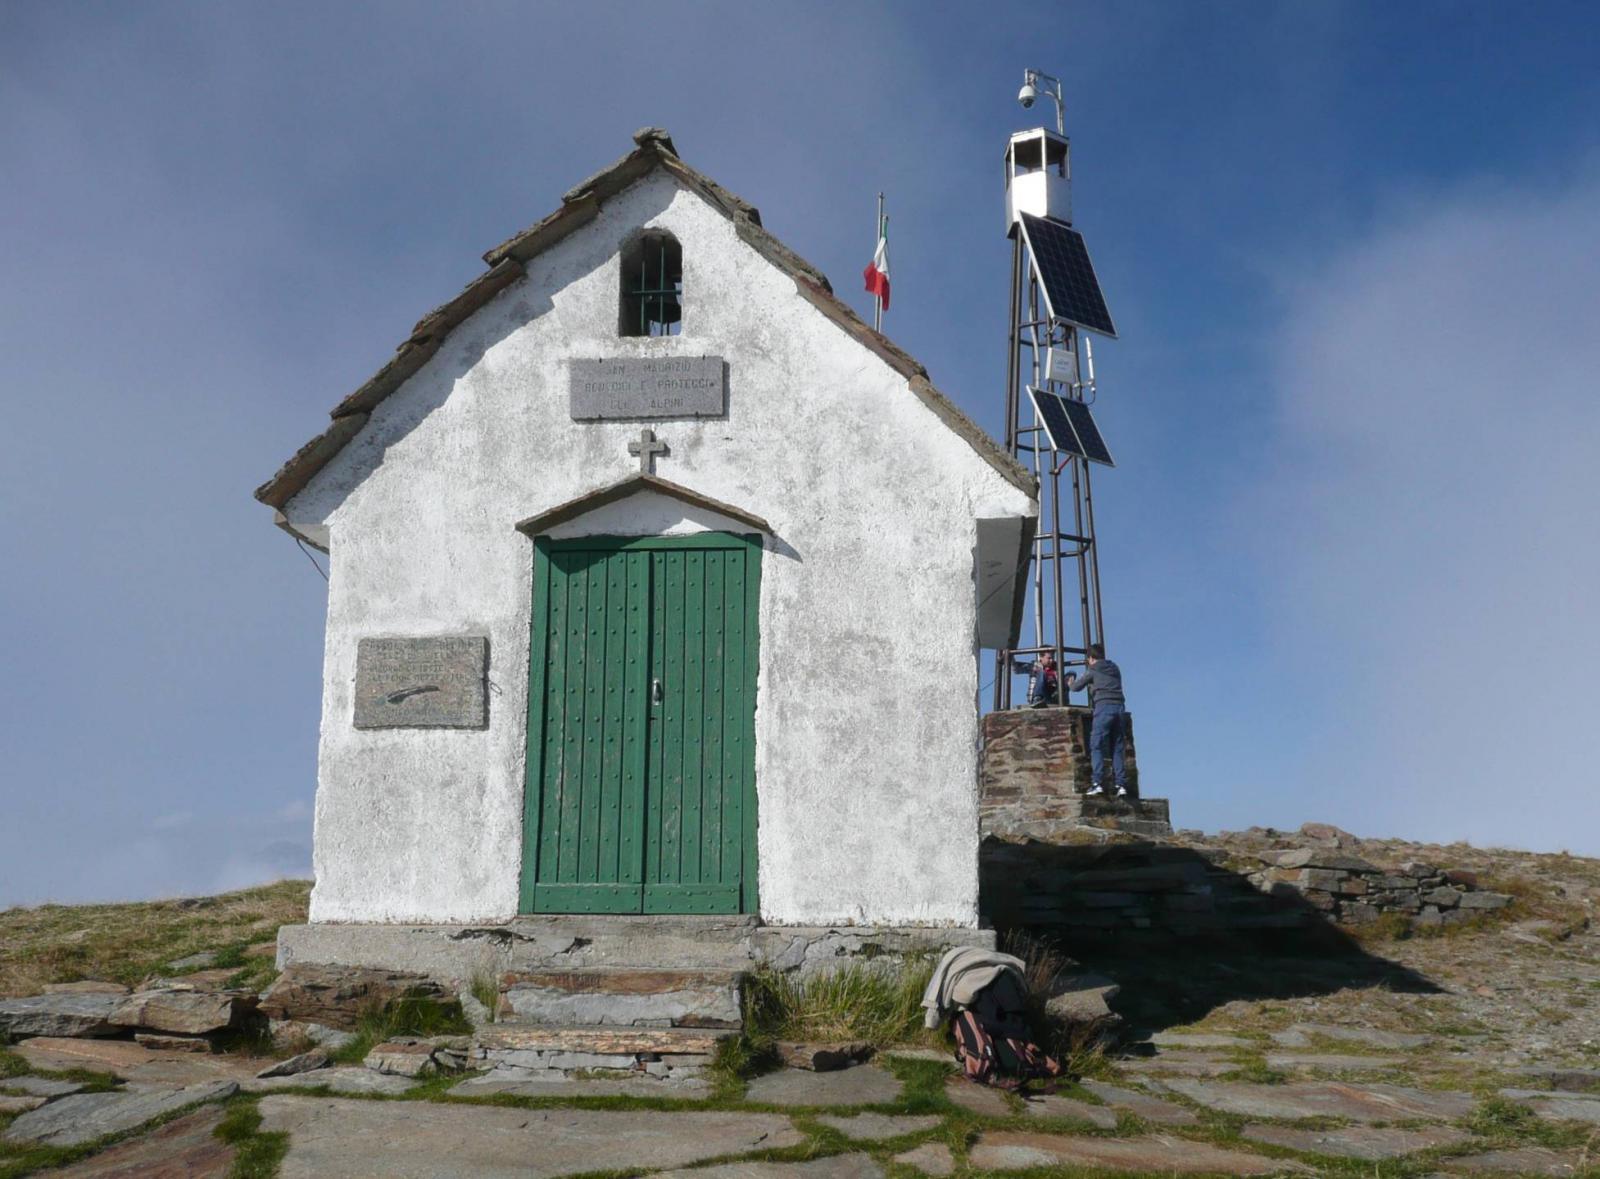 finalmente al Camino, la cappelletta degli Alpini dedicata a San Maurizio